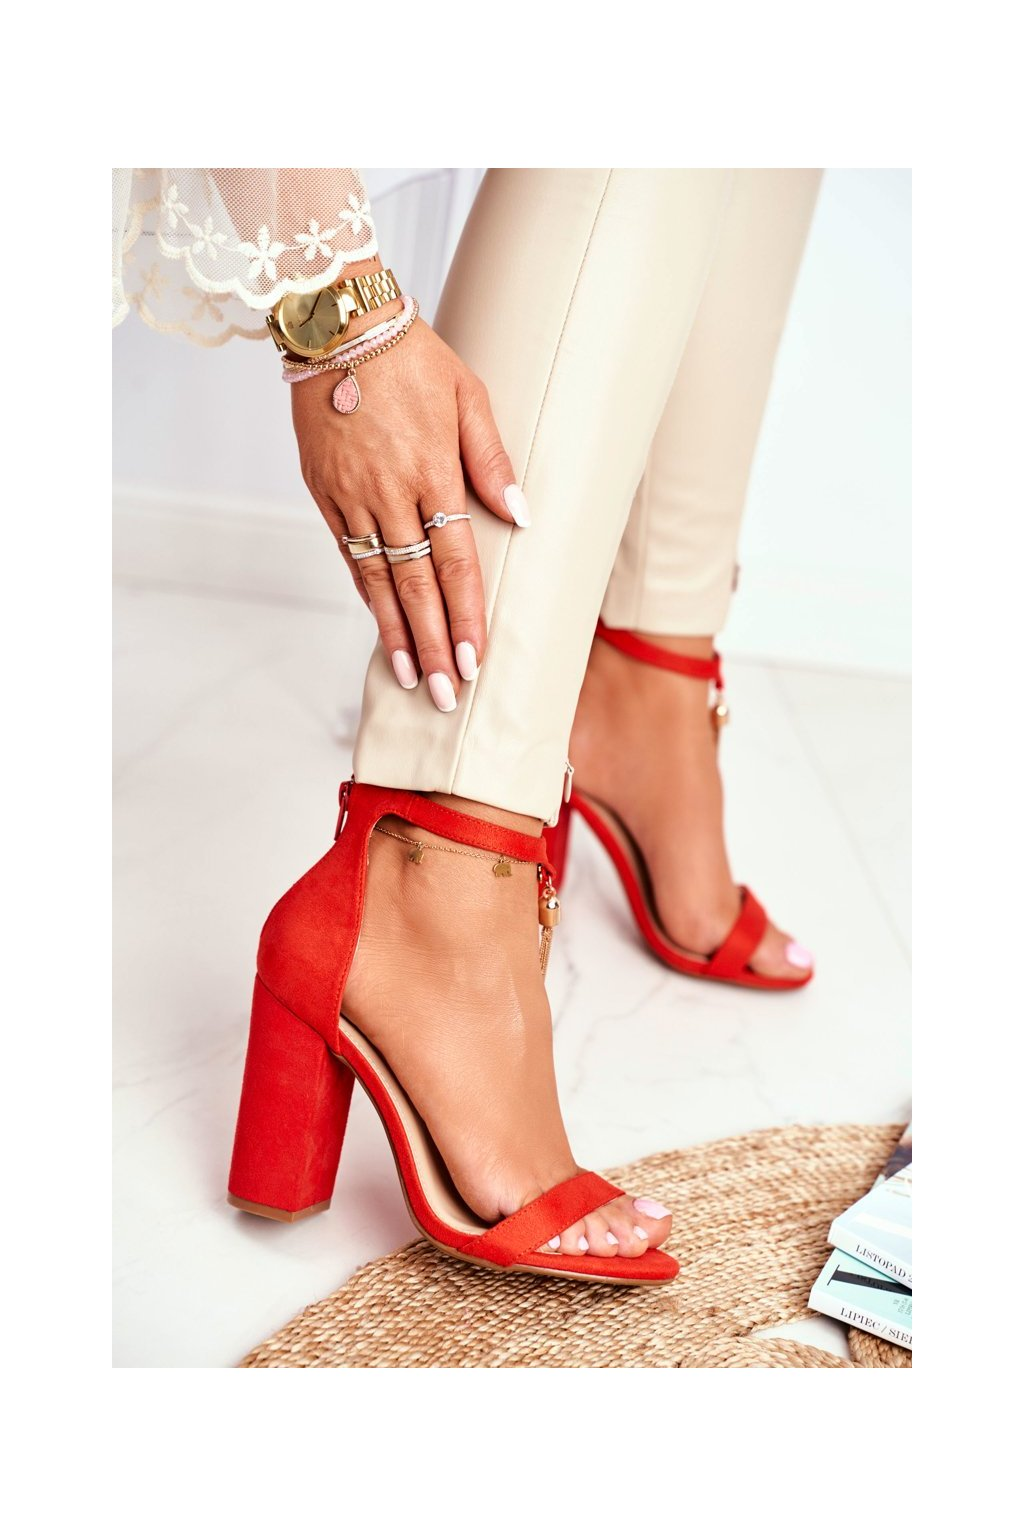 Dámske sandále na podpätku farba oranžová NJSK J76-11 ORANGE